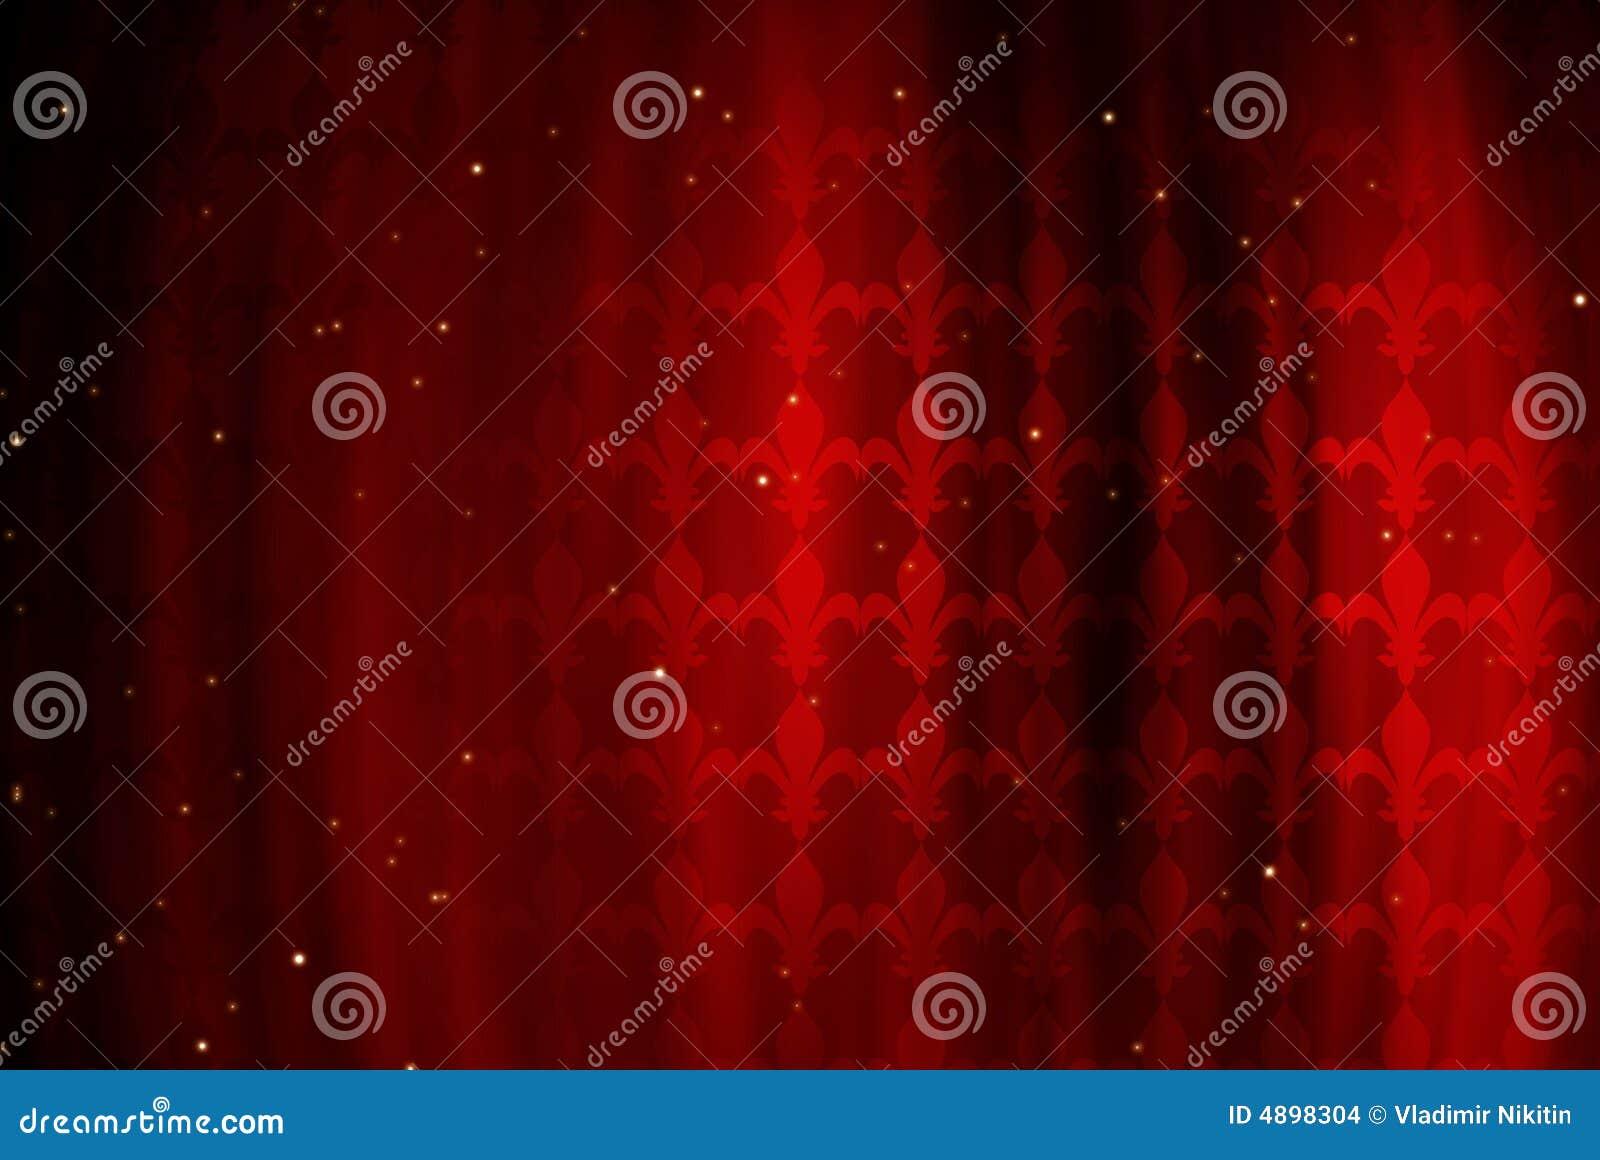 Priorità bassa rossa con la figura di un giglio reale